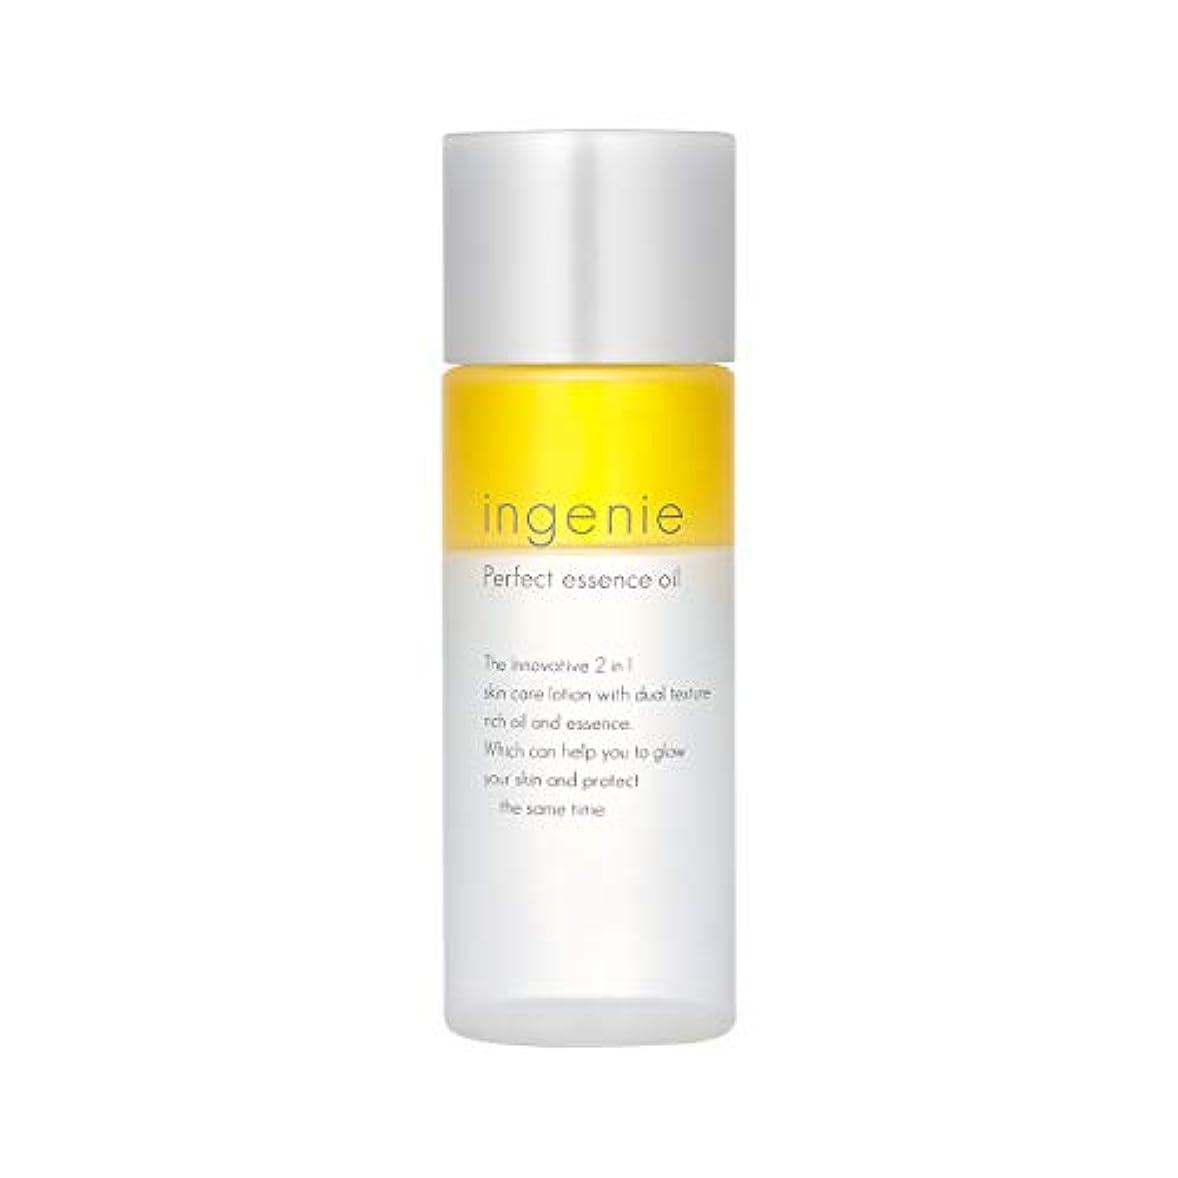 呼吸するに対応する流体インジニエ パーフェクトエッセンスオイル genie(ジニエ) オールインワン化粧美容オイル 保湿 ラベンダーの香り ボタニカルオイル (50ml)